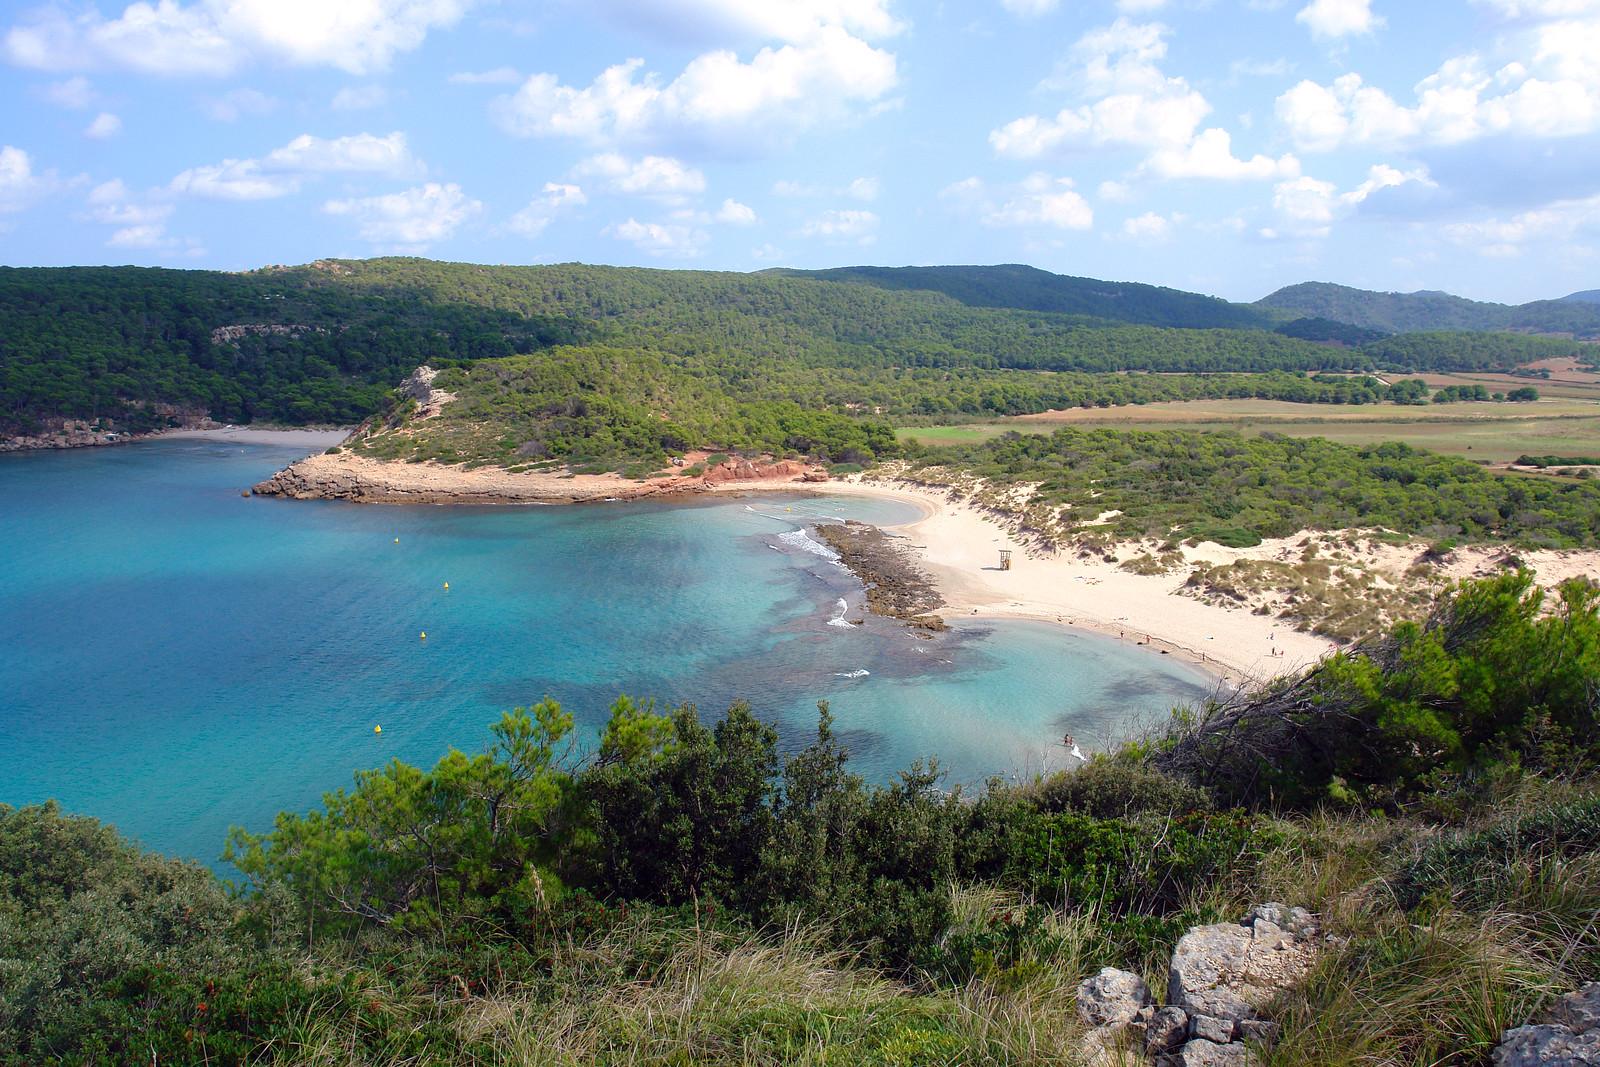 Qué ver en Menorca, Islas Baleares - thewotme qué ver en menorca - 50046235293 f0e6e0162f h - Qué ver en Menorca, lugares a NO perderse